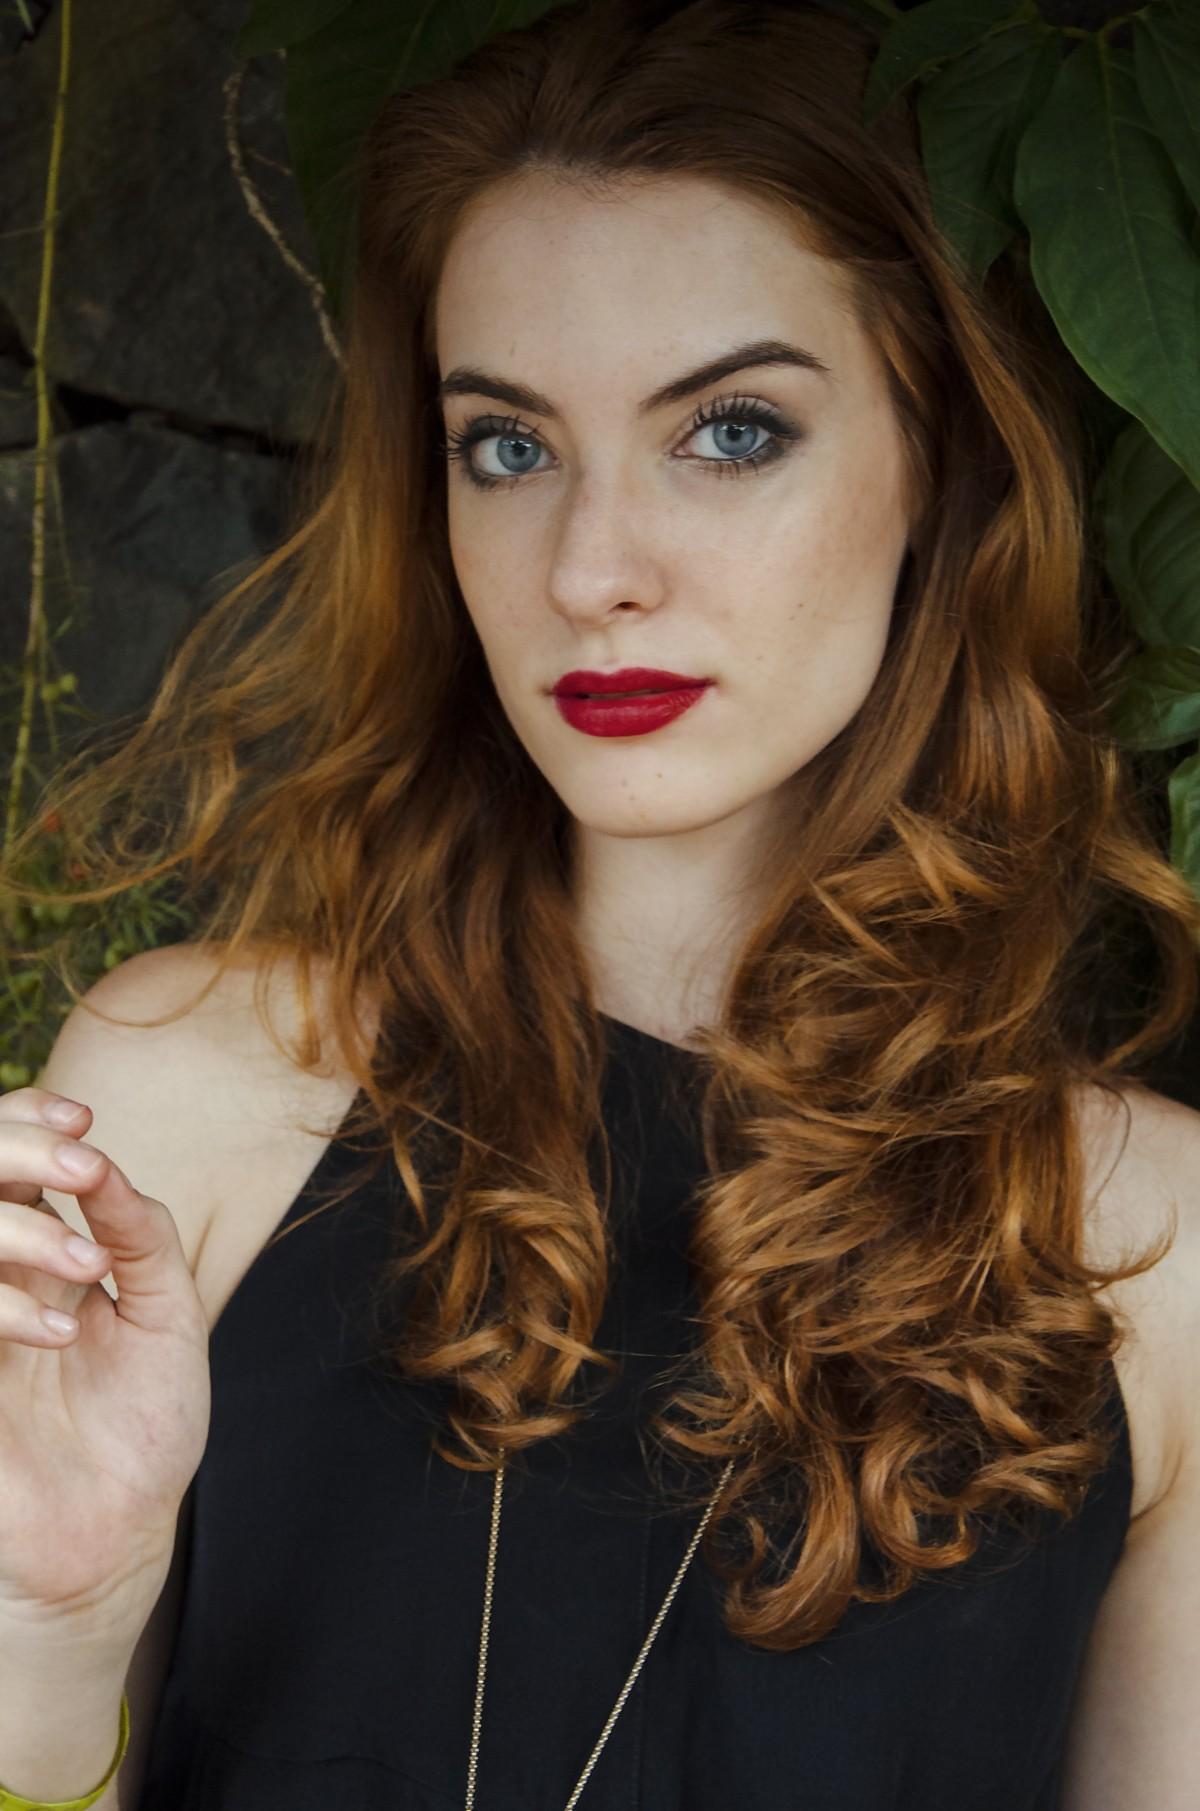 Kostenlose Foto Person Madchen Fotografie Portrat Modell Rot